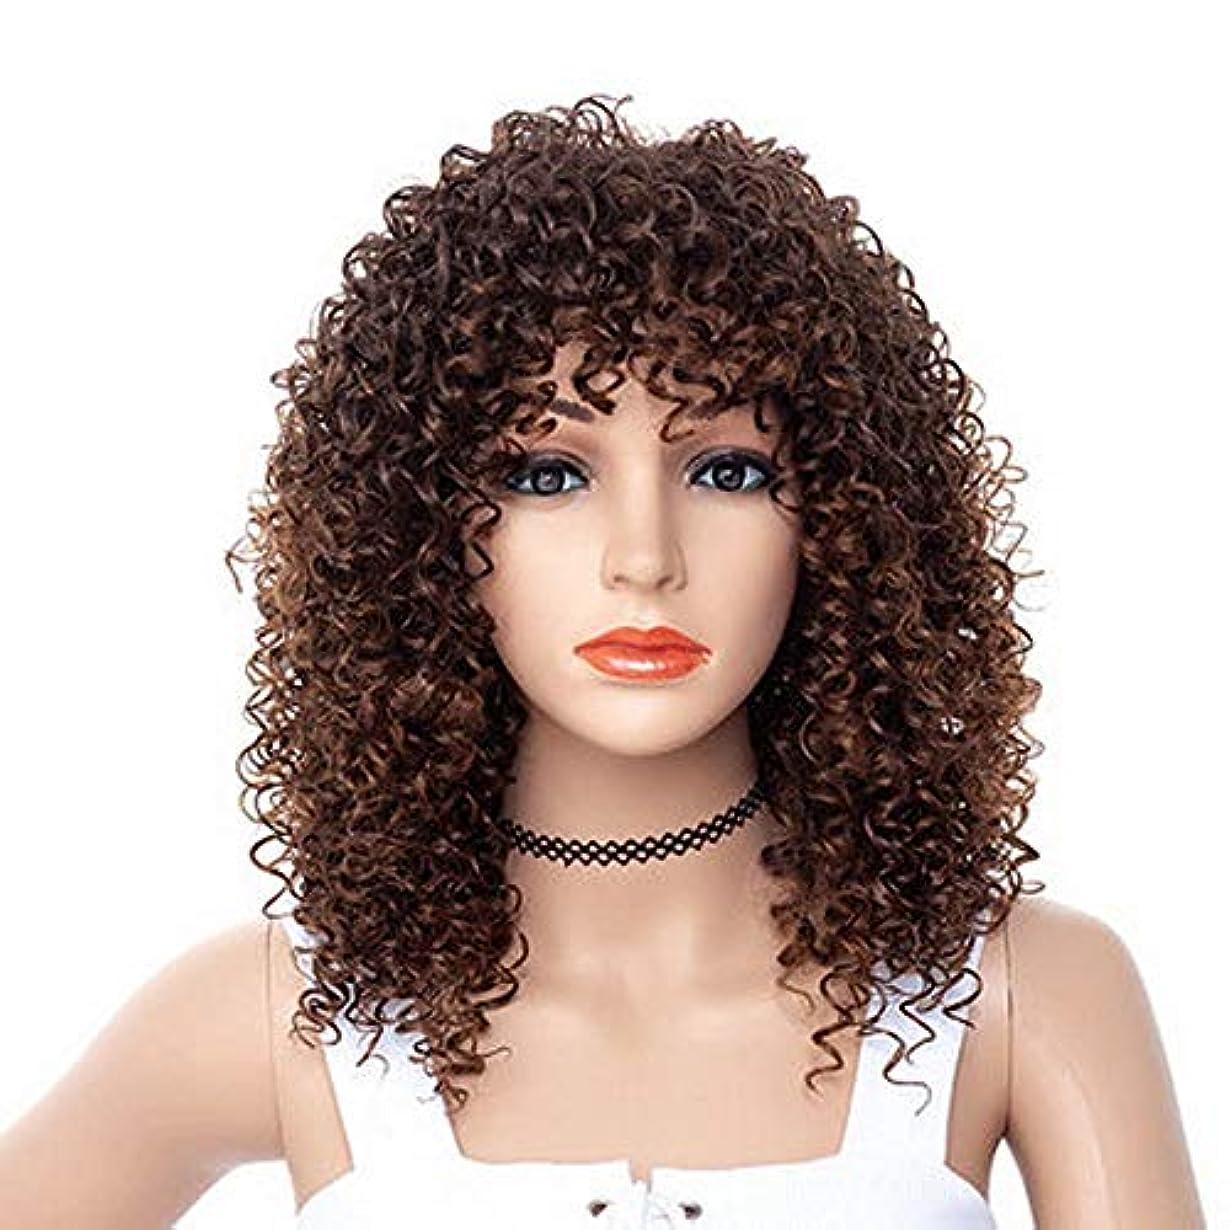 最大の費やす独創的女性のための色のかつら長いウェーブのかかった髪、高密度温度合成かつら女性のグルーレスウェーブのかかったコスプレ髪のかつら、女性のための耐熱繊維の髪のかつら、黒のかつら18.5インチ